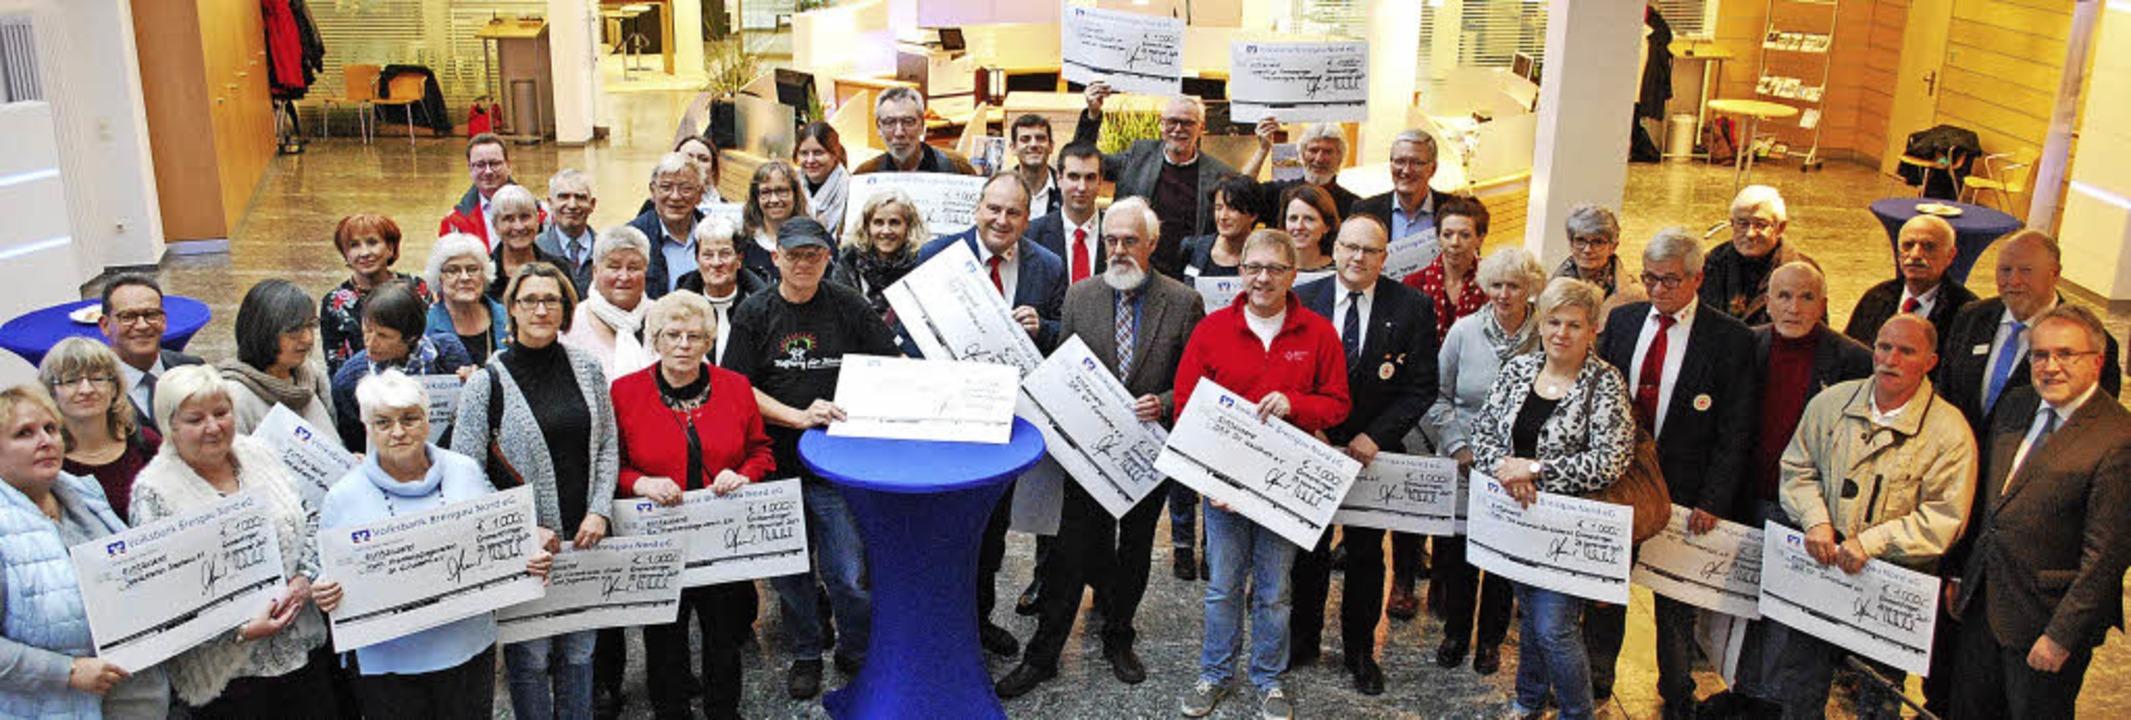 Die Vertreter von 45 sozialen Vereinen...tsspende der Volksbank Breisgau Nord.   | Foto: Sylvia-Karina Jahn